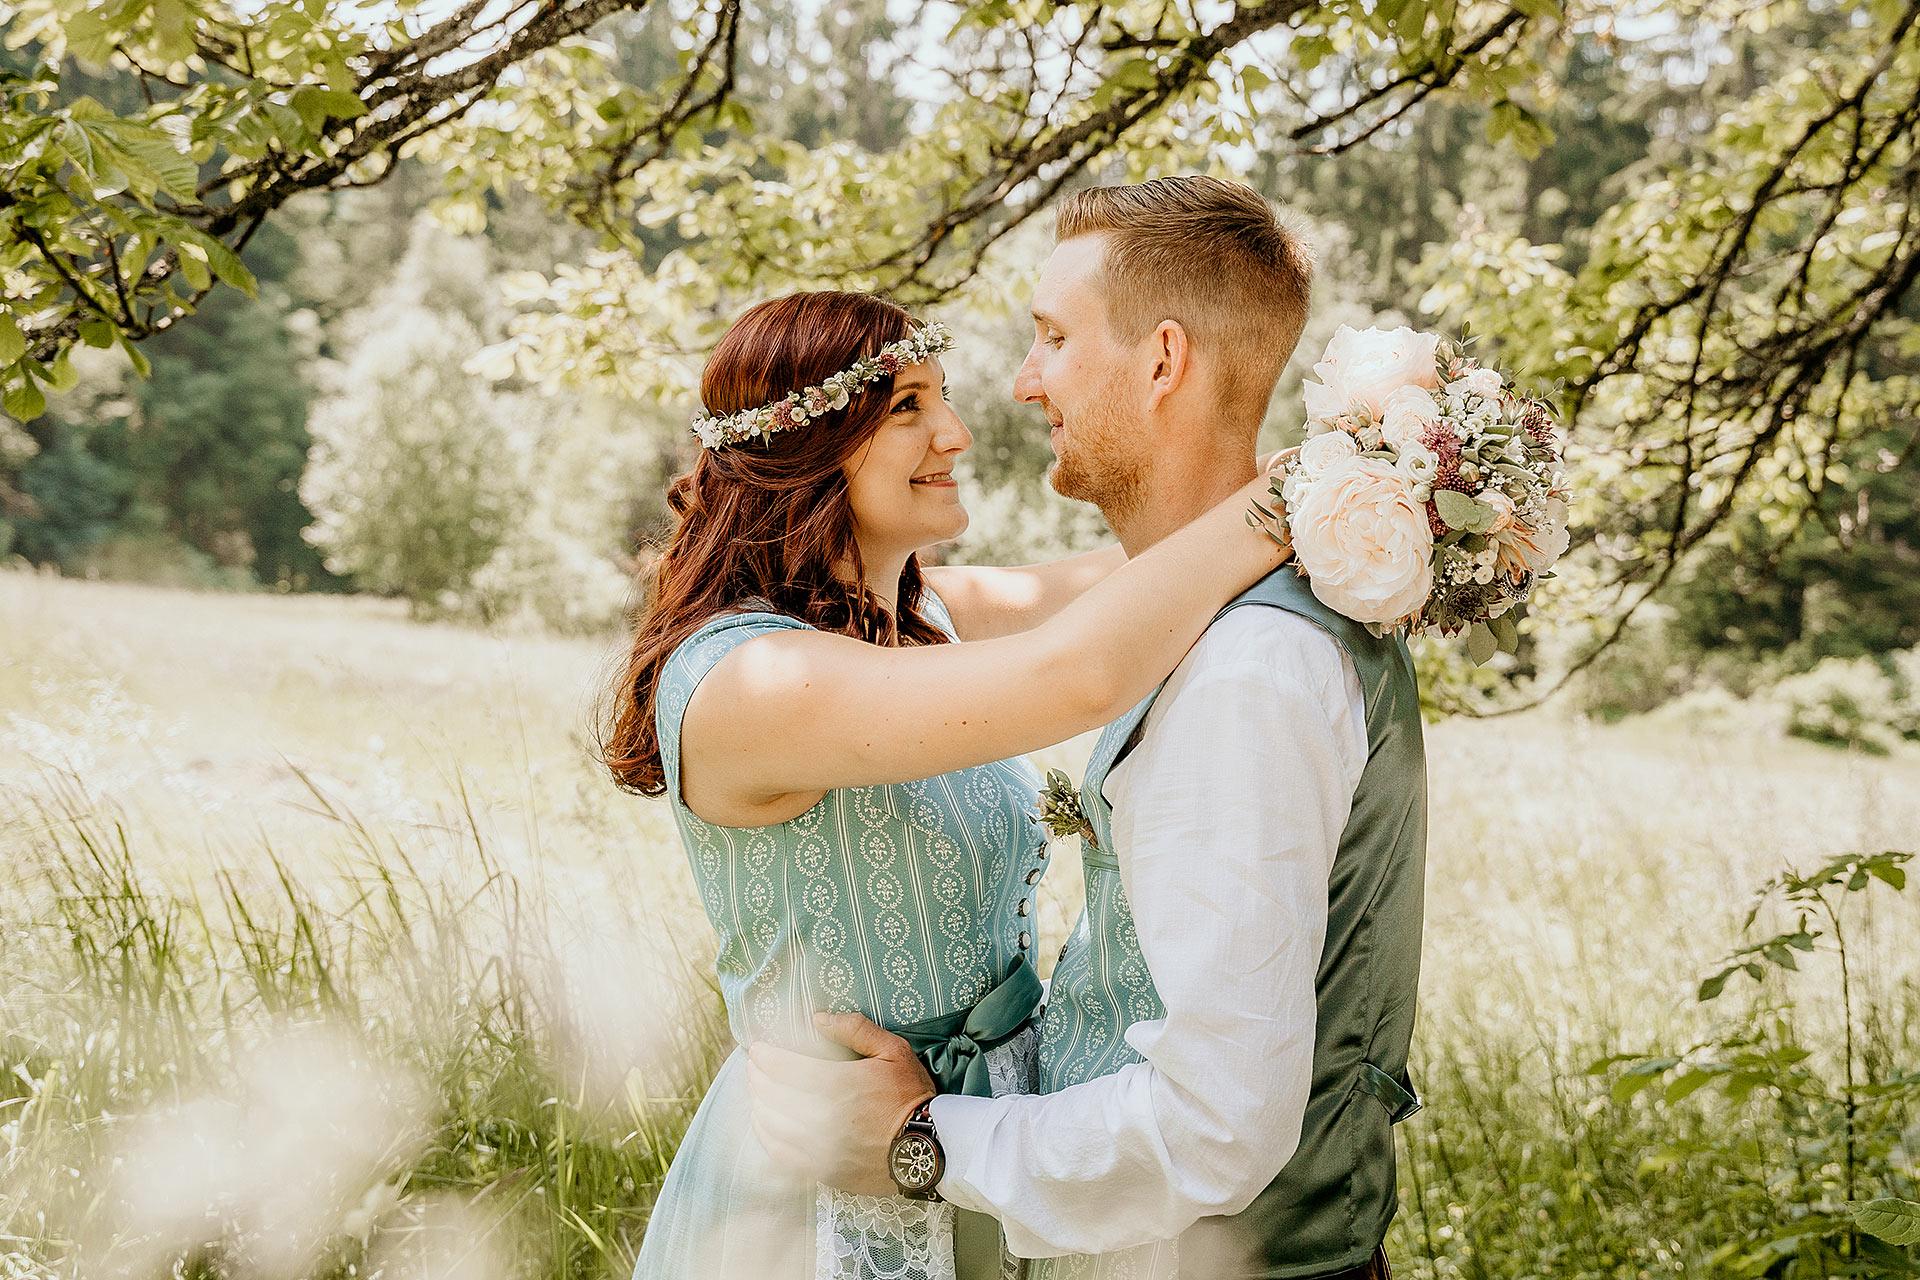 BrautpaarshootingHochzeitsshootingHochzeitsfotografinRegensburgRegenMünchenNiederbayern - Hochzeitsreportage